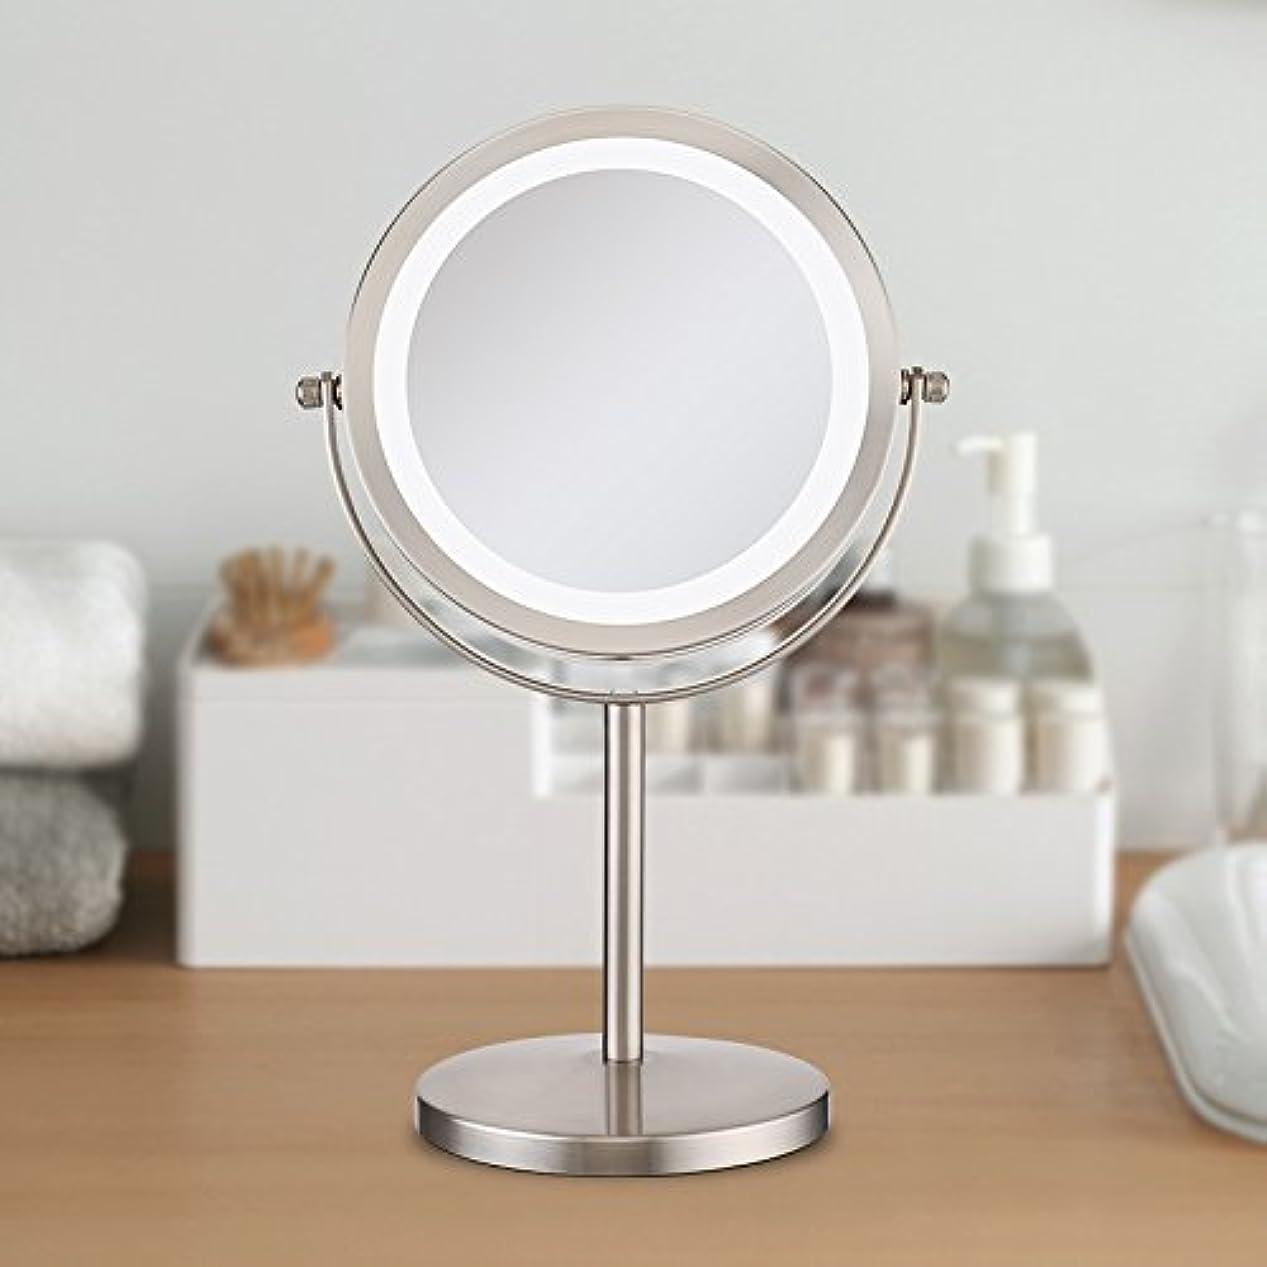 スーパーマーケット不信予言する(セーディコ)Cerdeco 真実の北欧風卓上鏡DX LEDライト付き 10倍拡大率 両面化粧鏡 真実の鏡DX スタンドミラー 鏡面φ178mm D710N